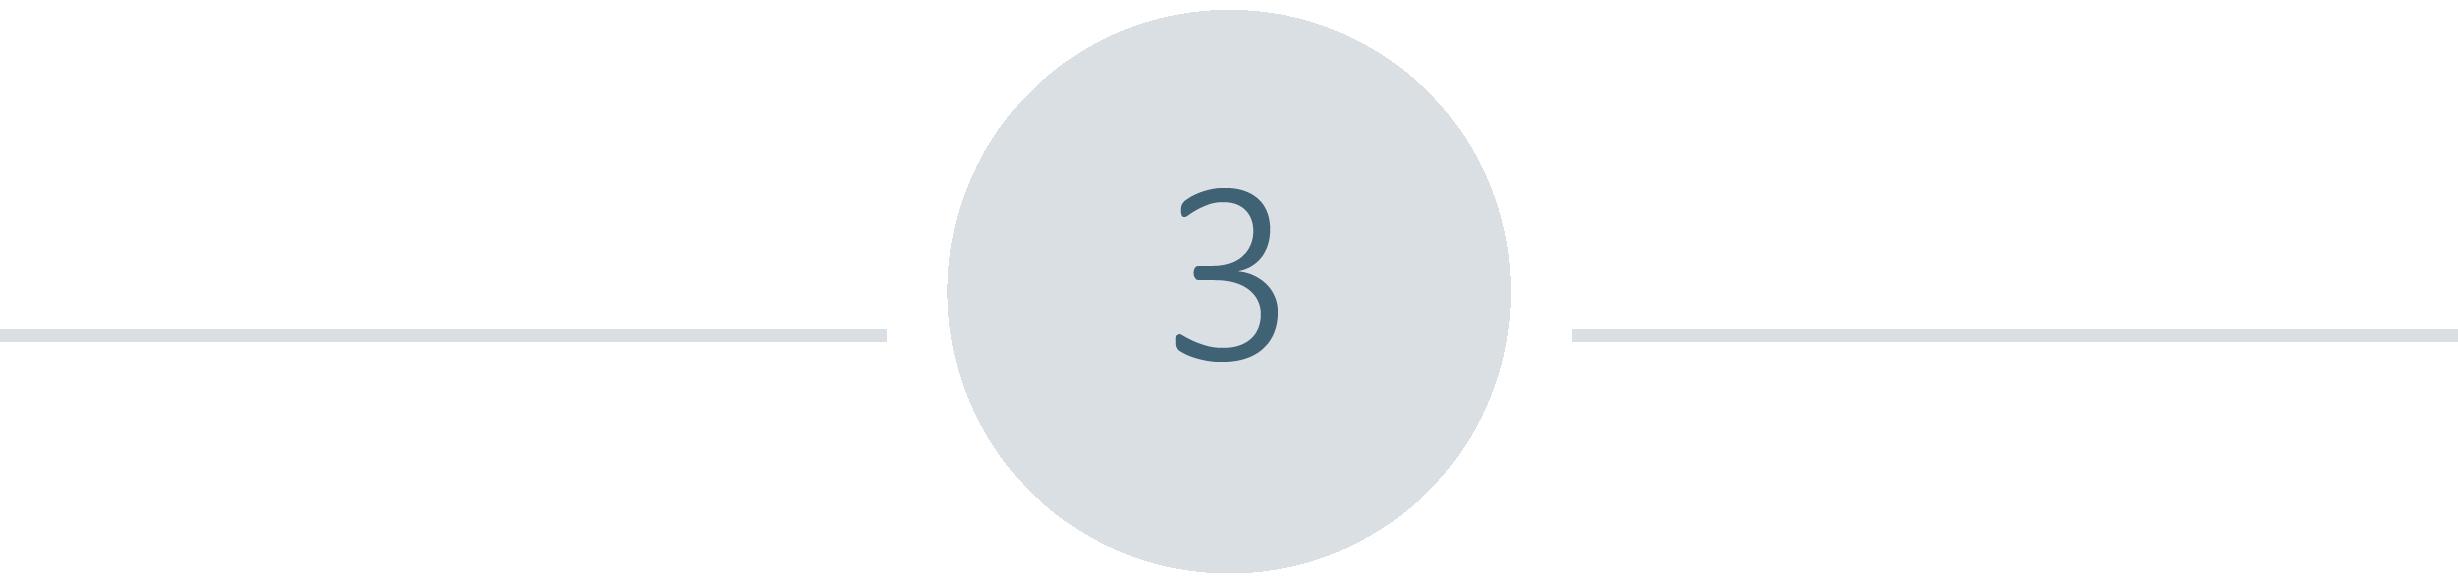 Aufzaehlung-3